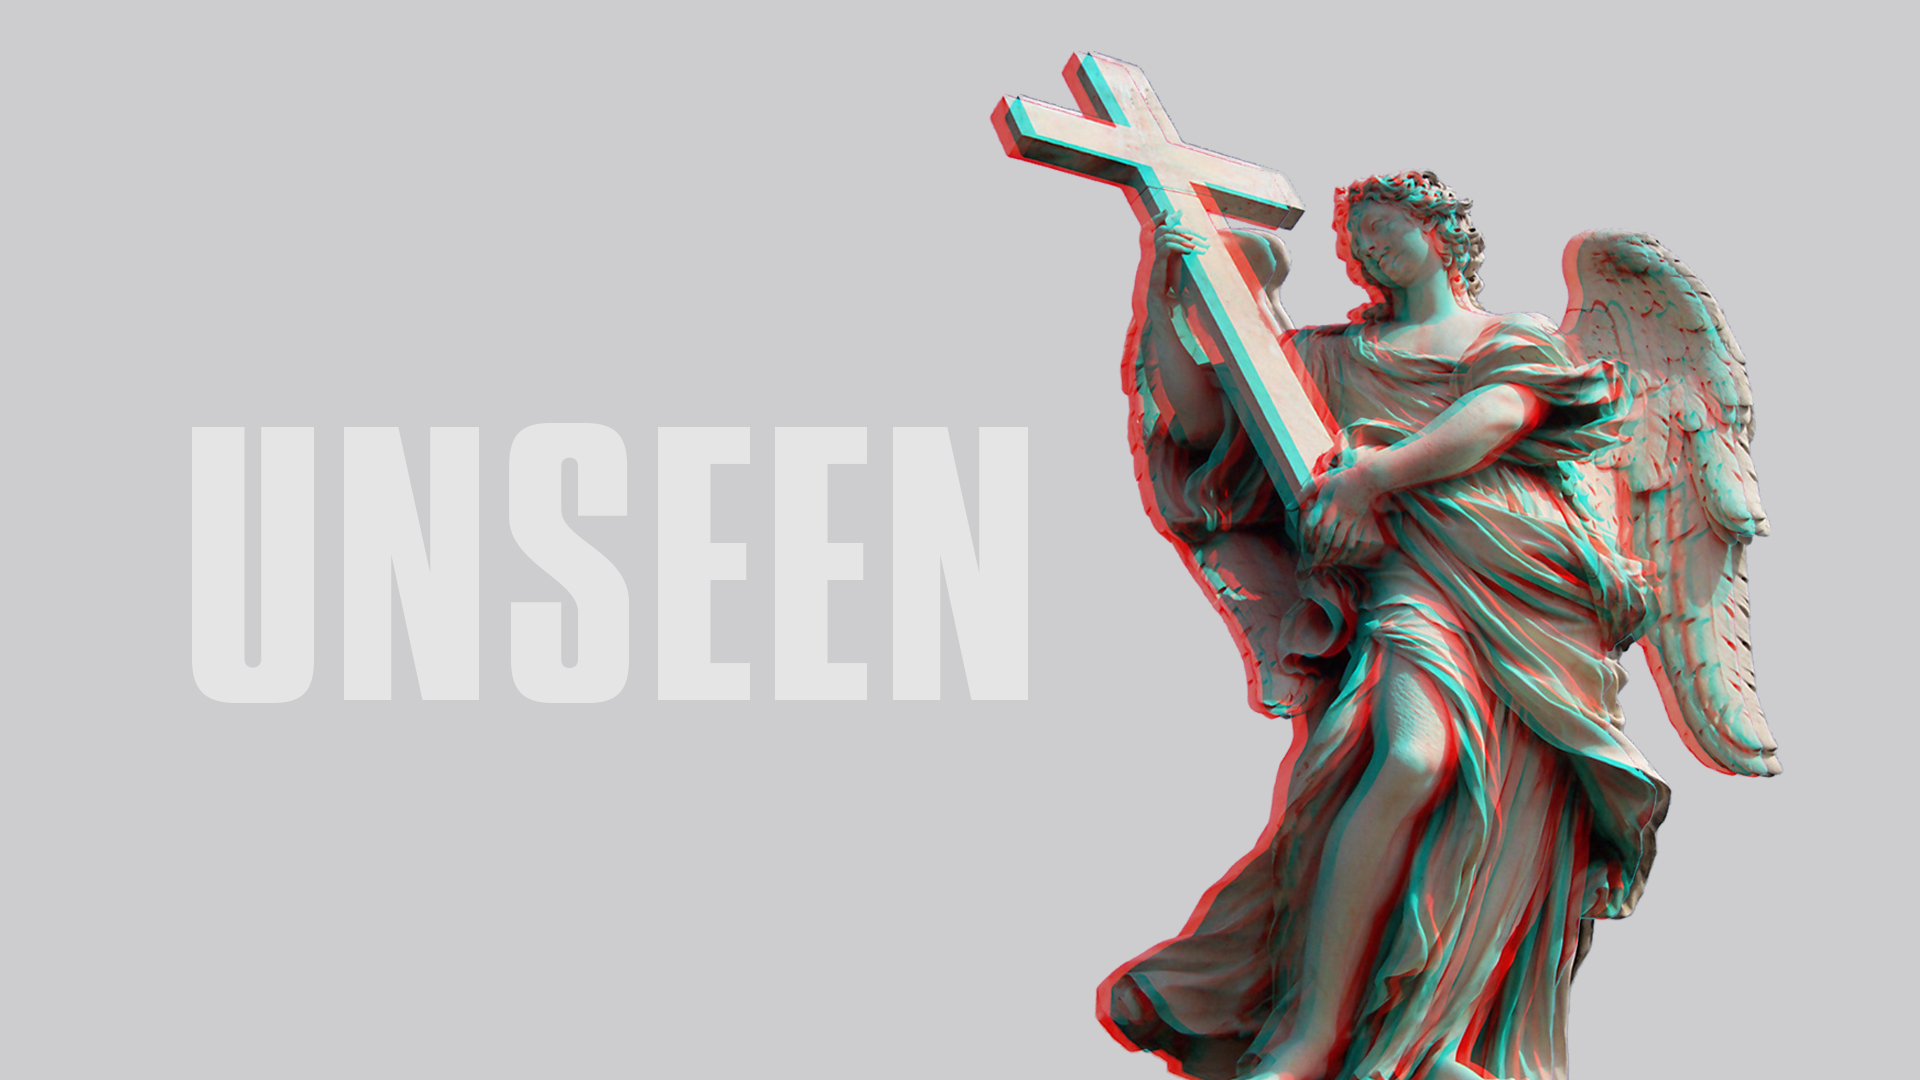 CCC_Unseen_1920x1080.jpg